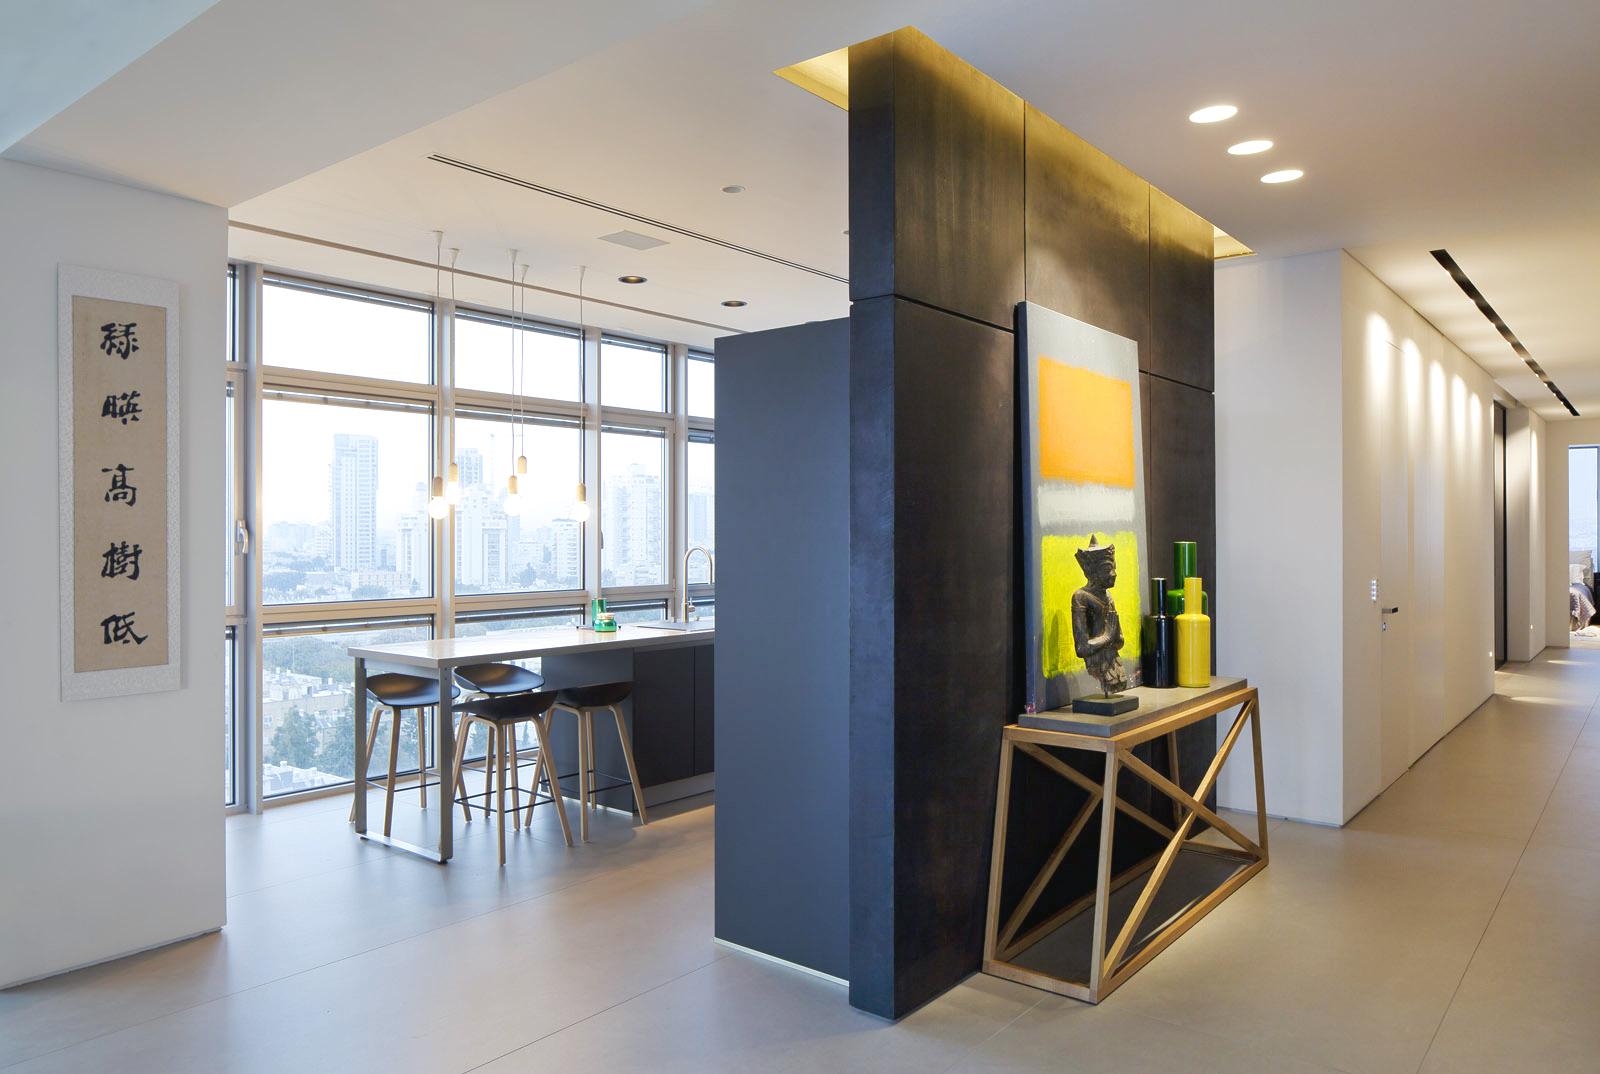 high-end apartment design ideas